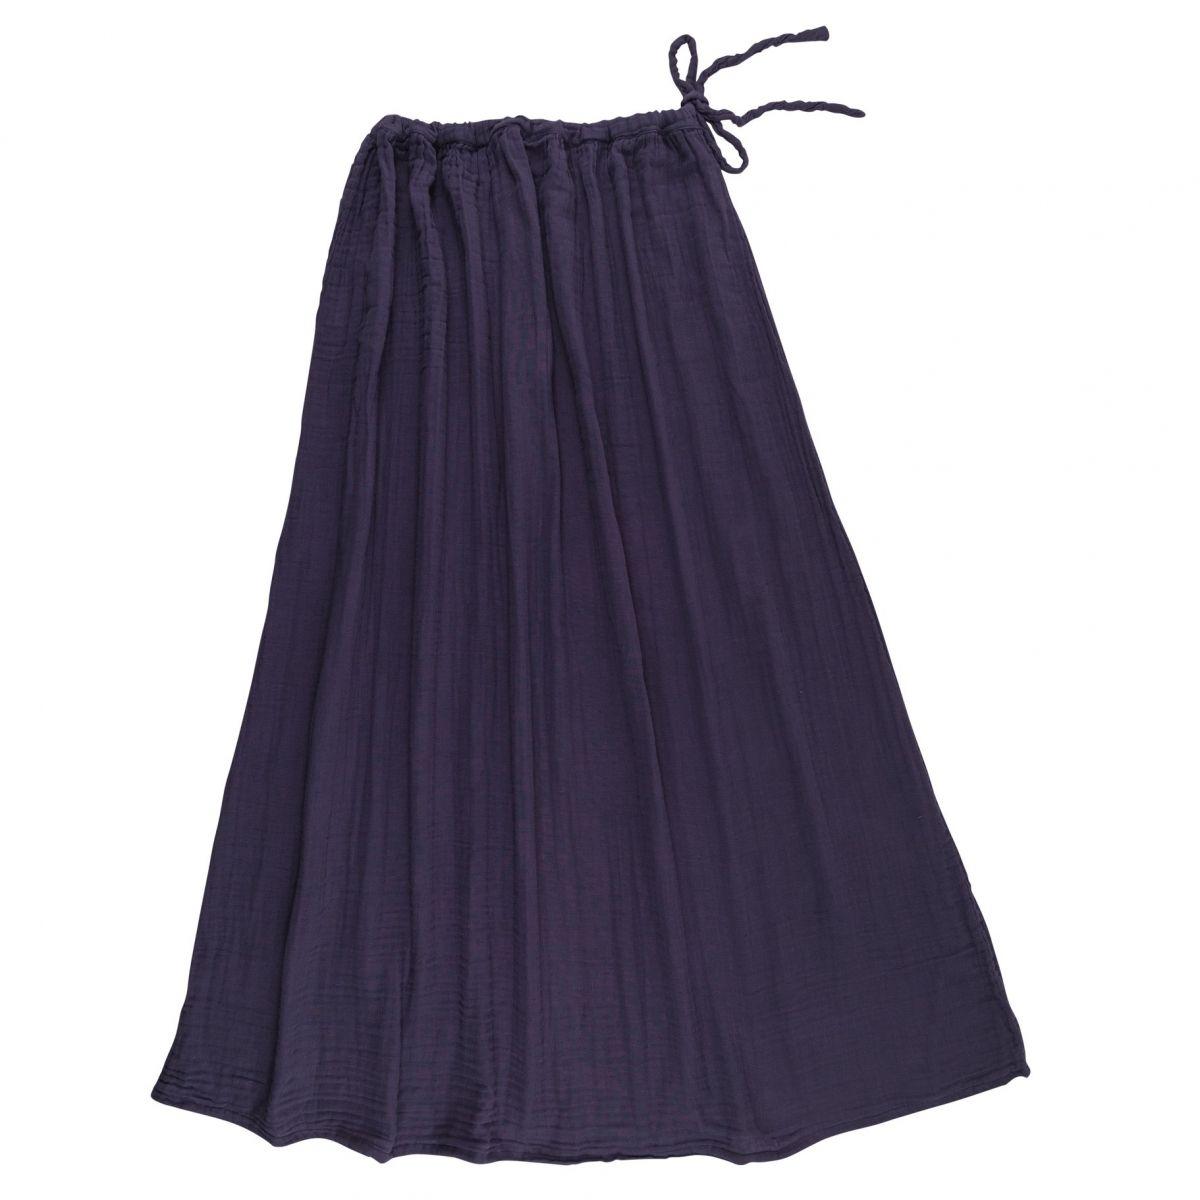 Numero 74 Skirt for mum Ava long sweet aubergine